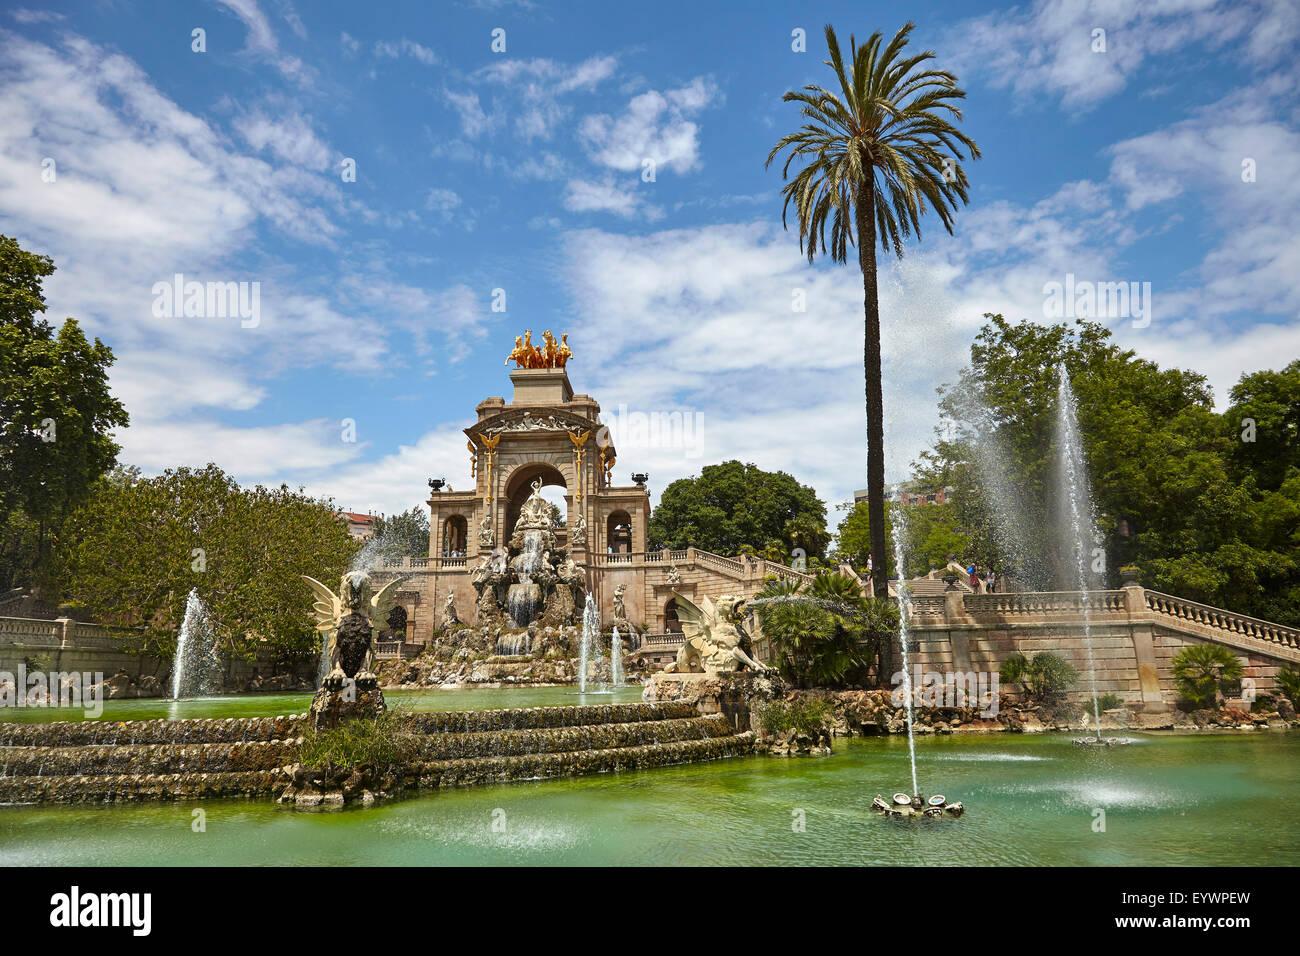 Parc de la Ciutadella, Barcelona, Cataluña, España y Europa Imagen De Stock